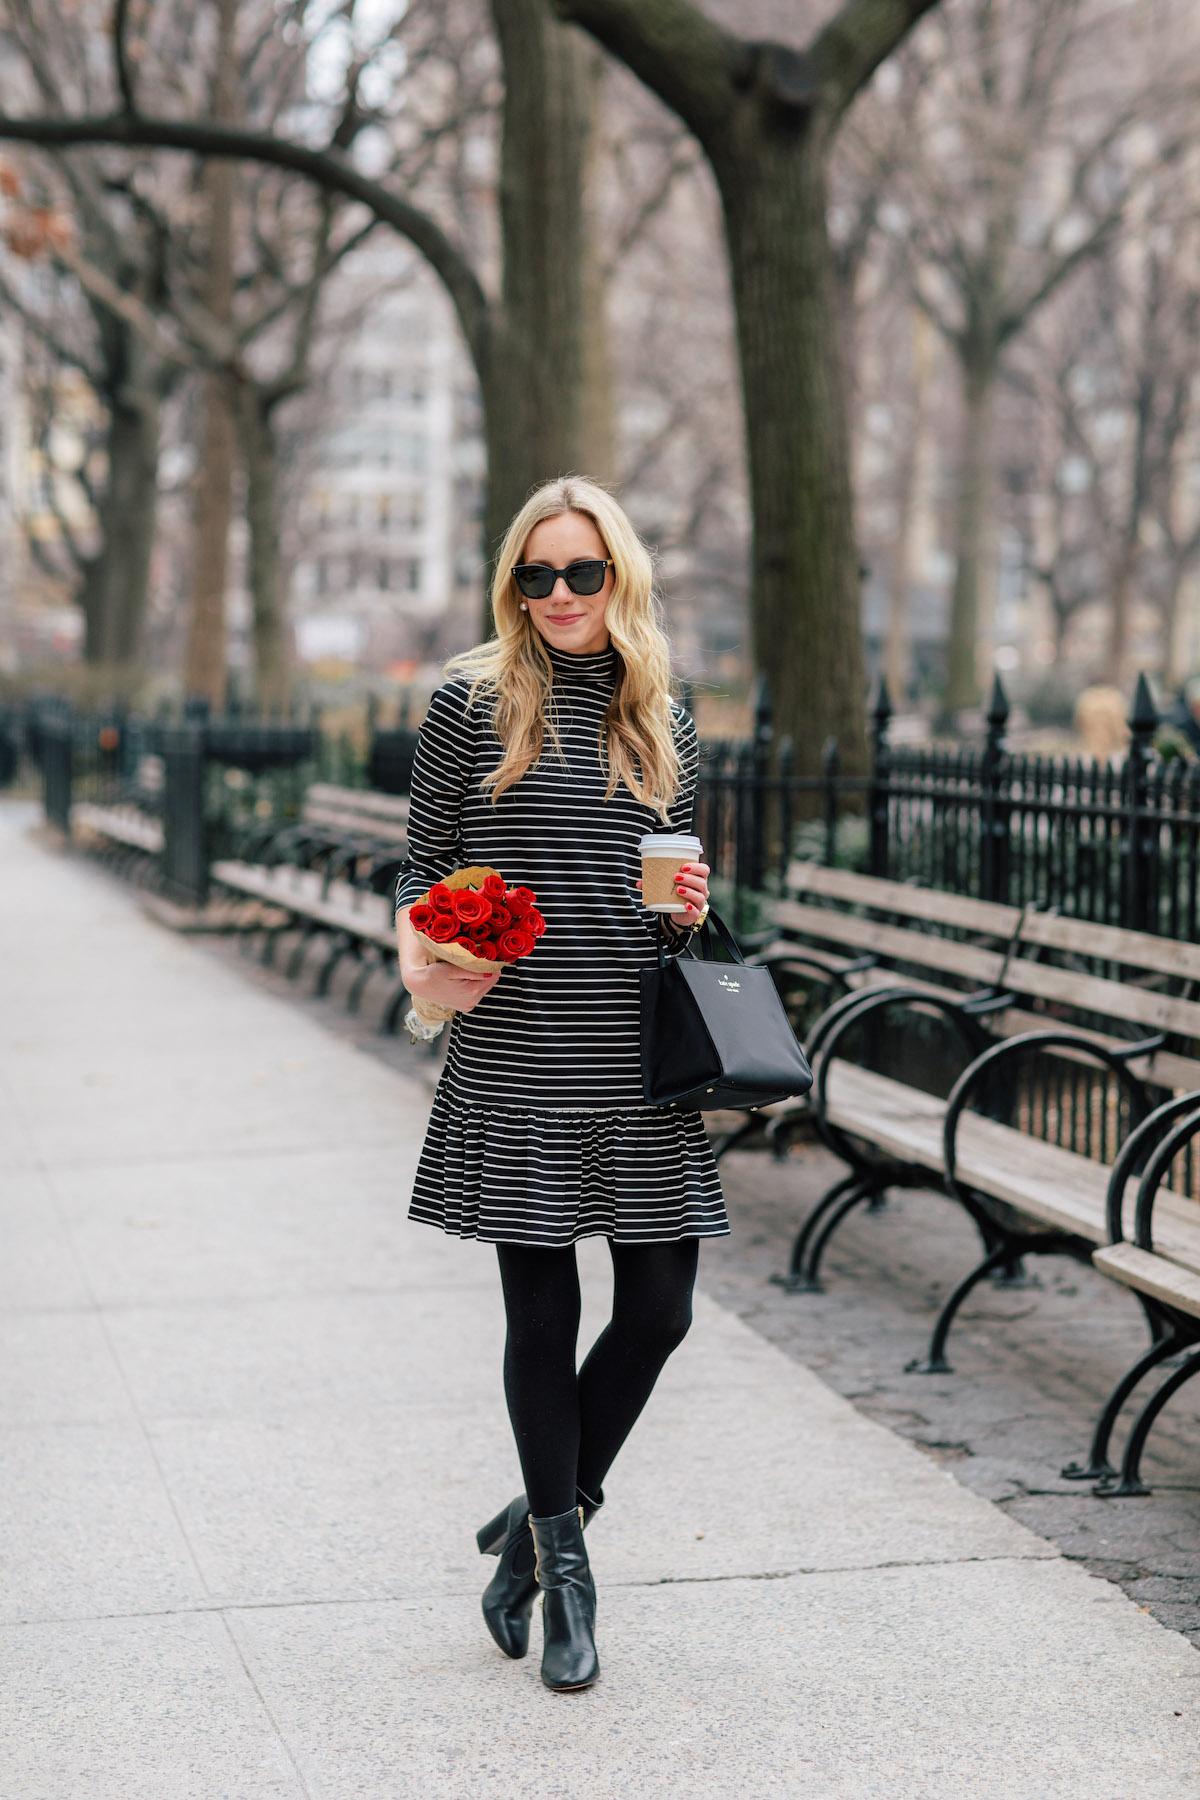 ad523e5fcc9a Kate Spade New York Stripes